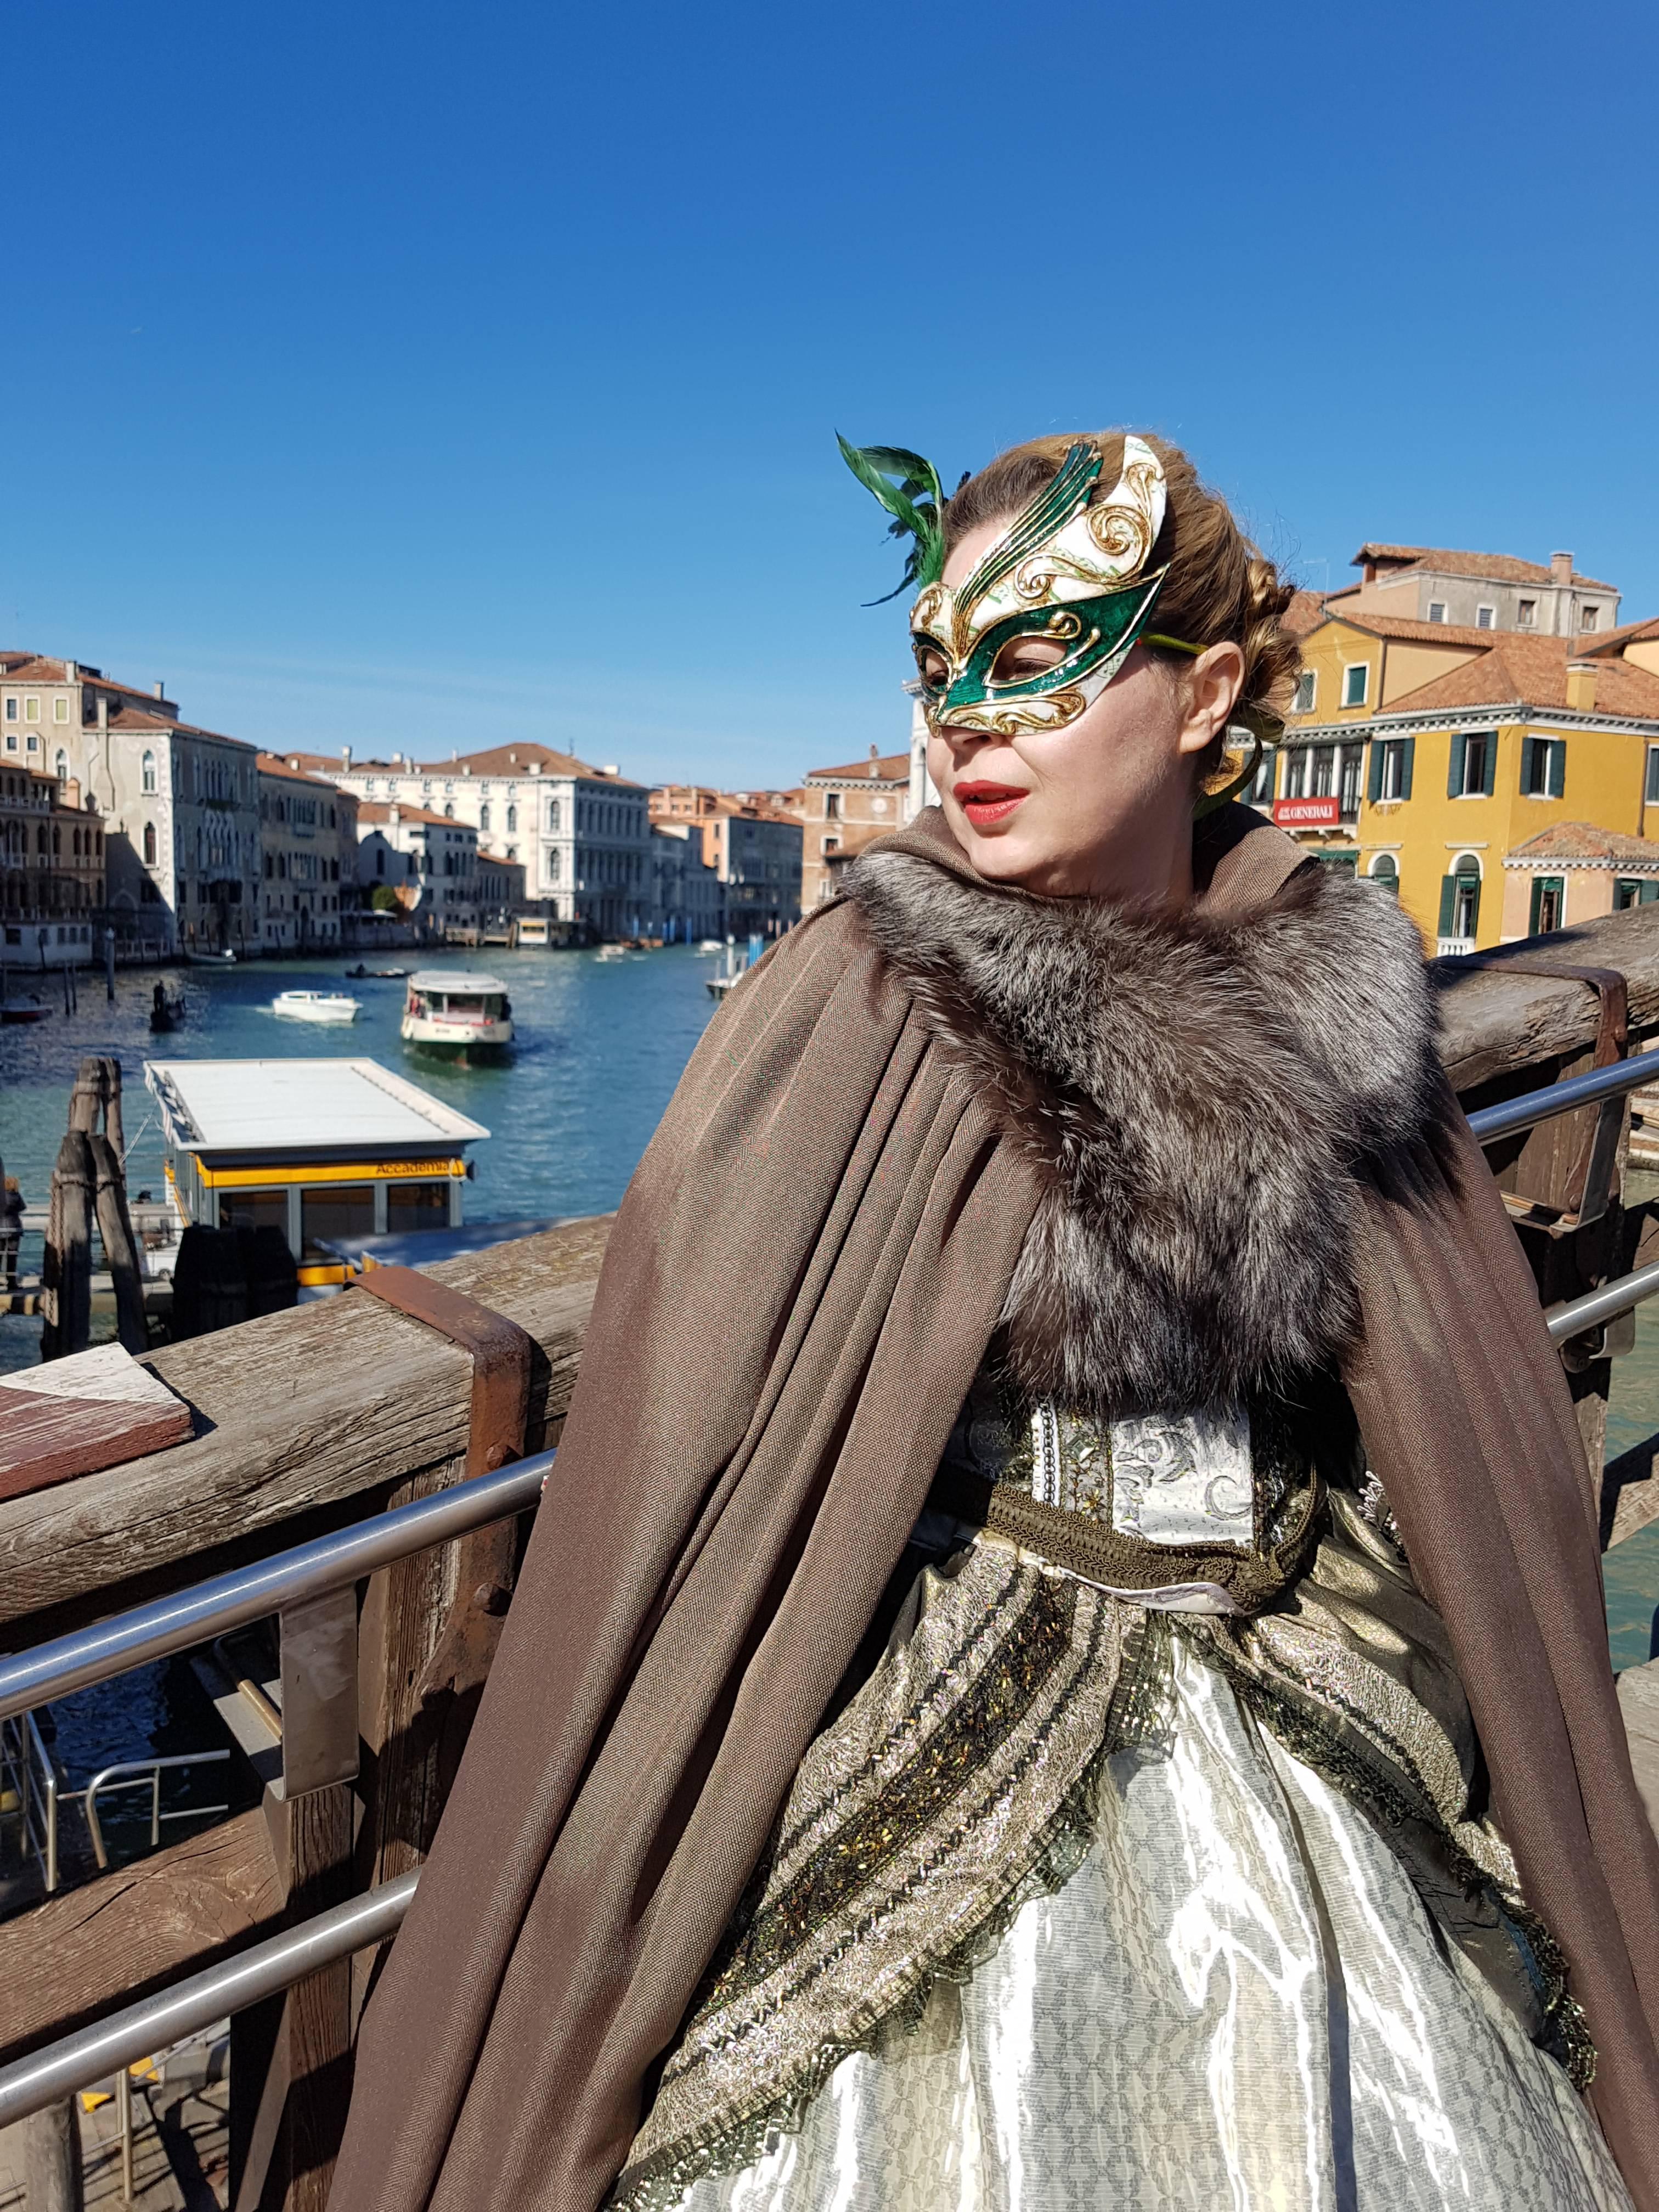 венецианский карнавал маскарад корсет исторический костюм женское равноправие